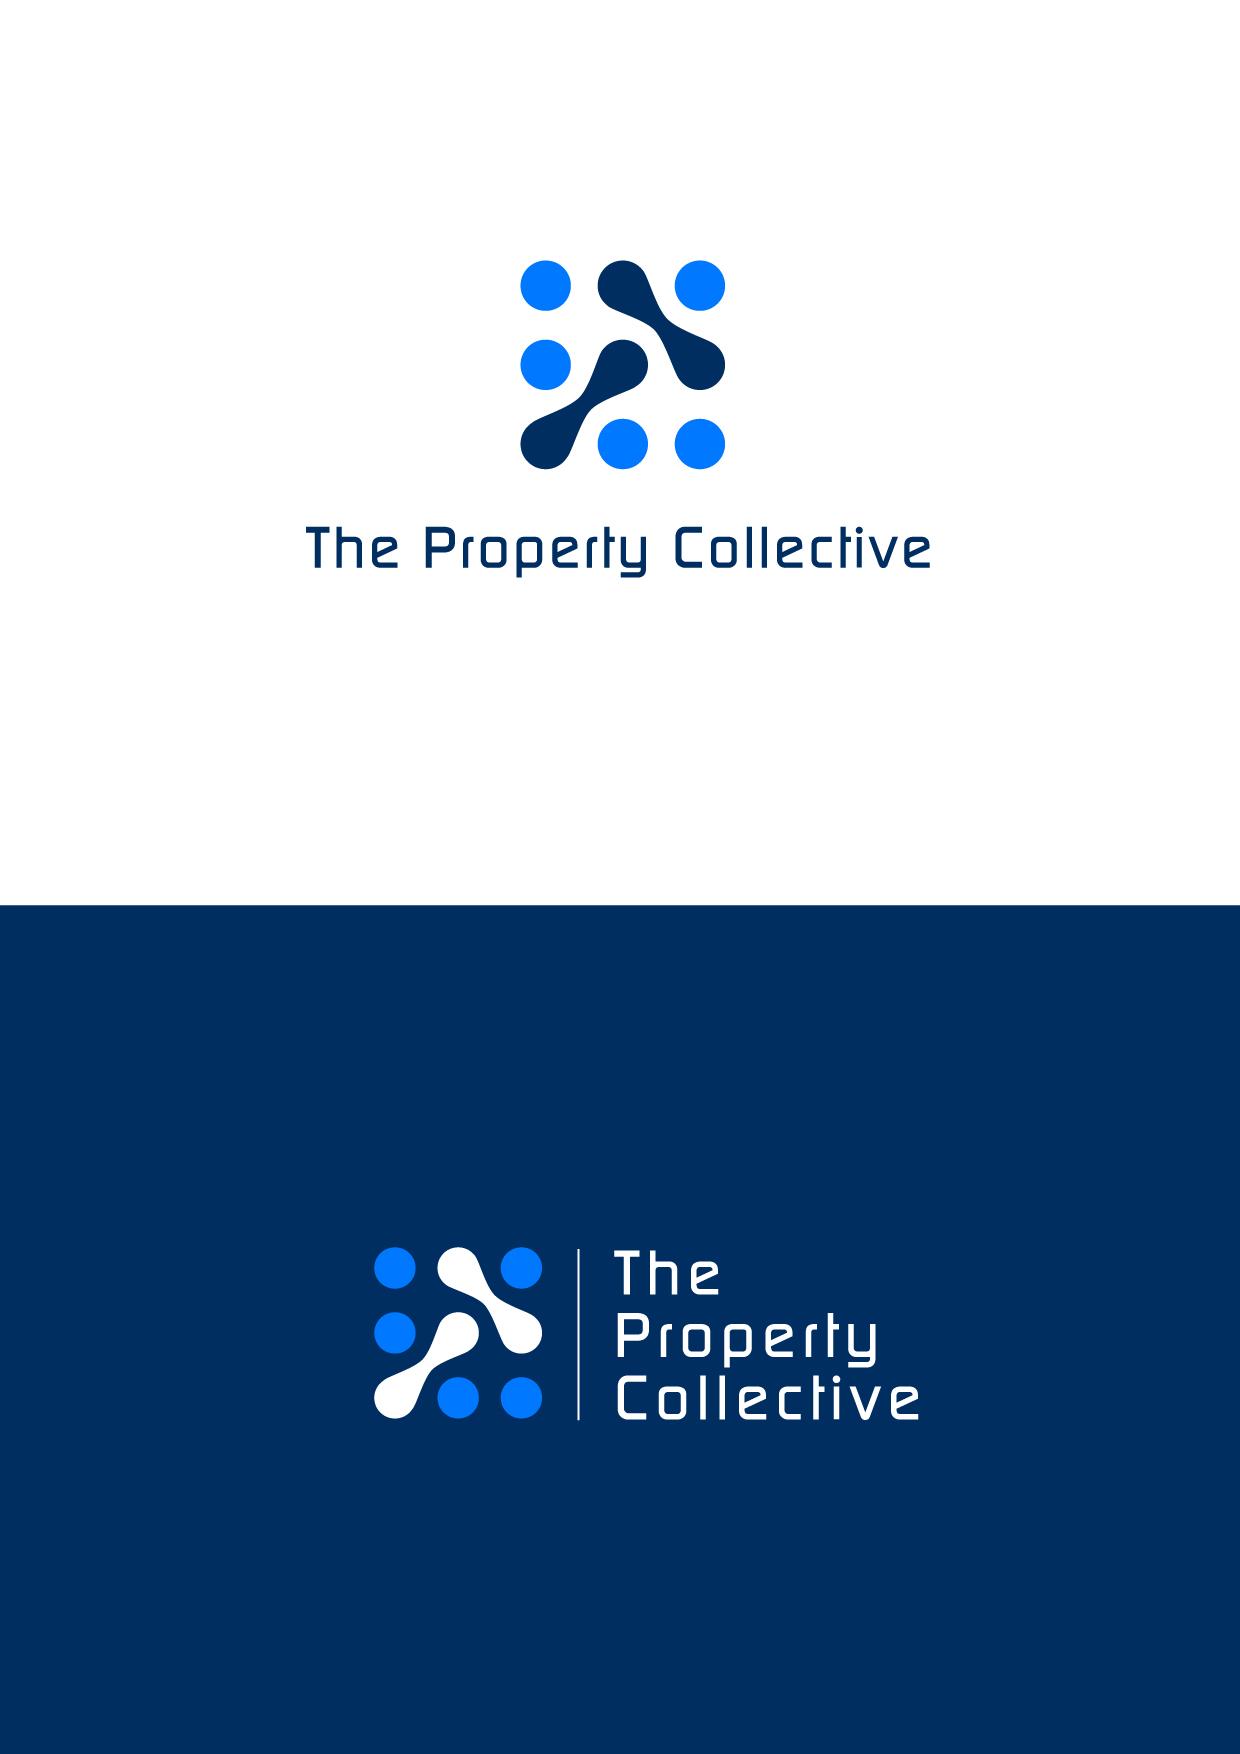 Logo Design by Wilfredo Mendoza - Entry No. 90 in the Logo Design Contest Unique Logo Design Wanted for TPC.